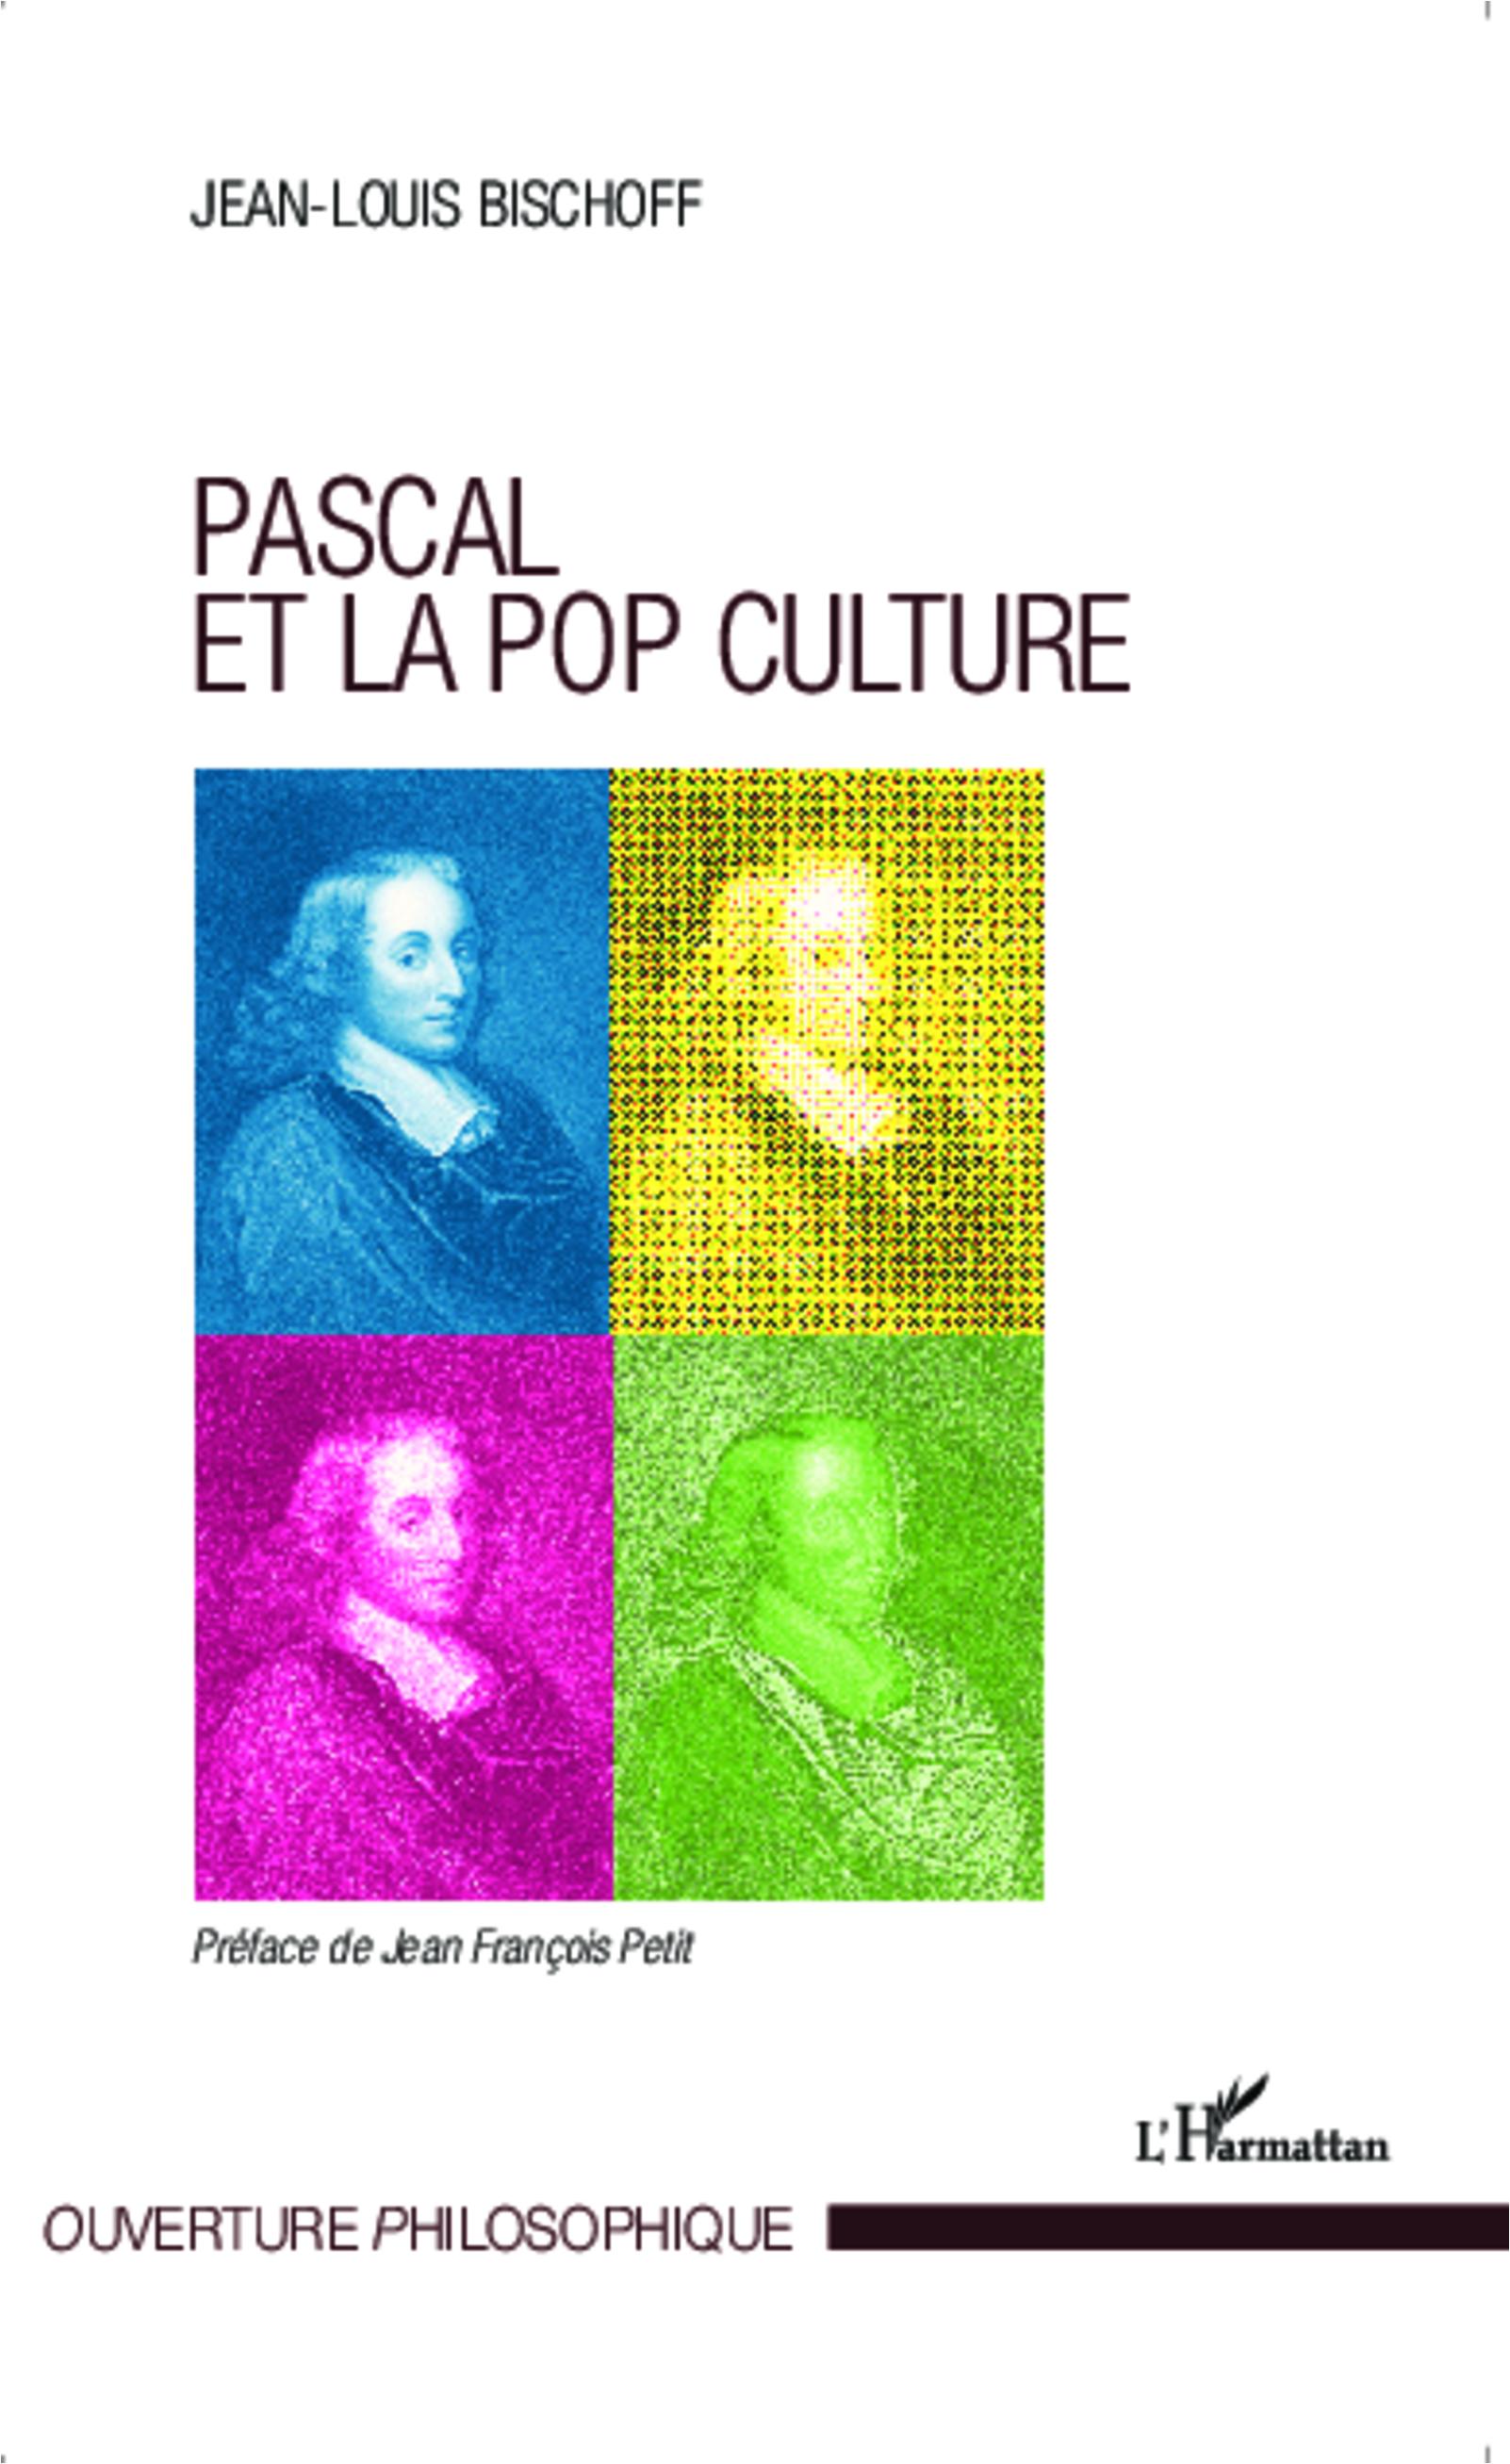 J.-L. Bischoff, Pascal et la pop culture